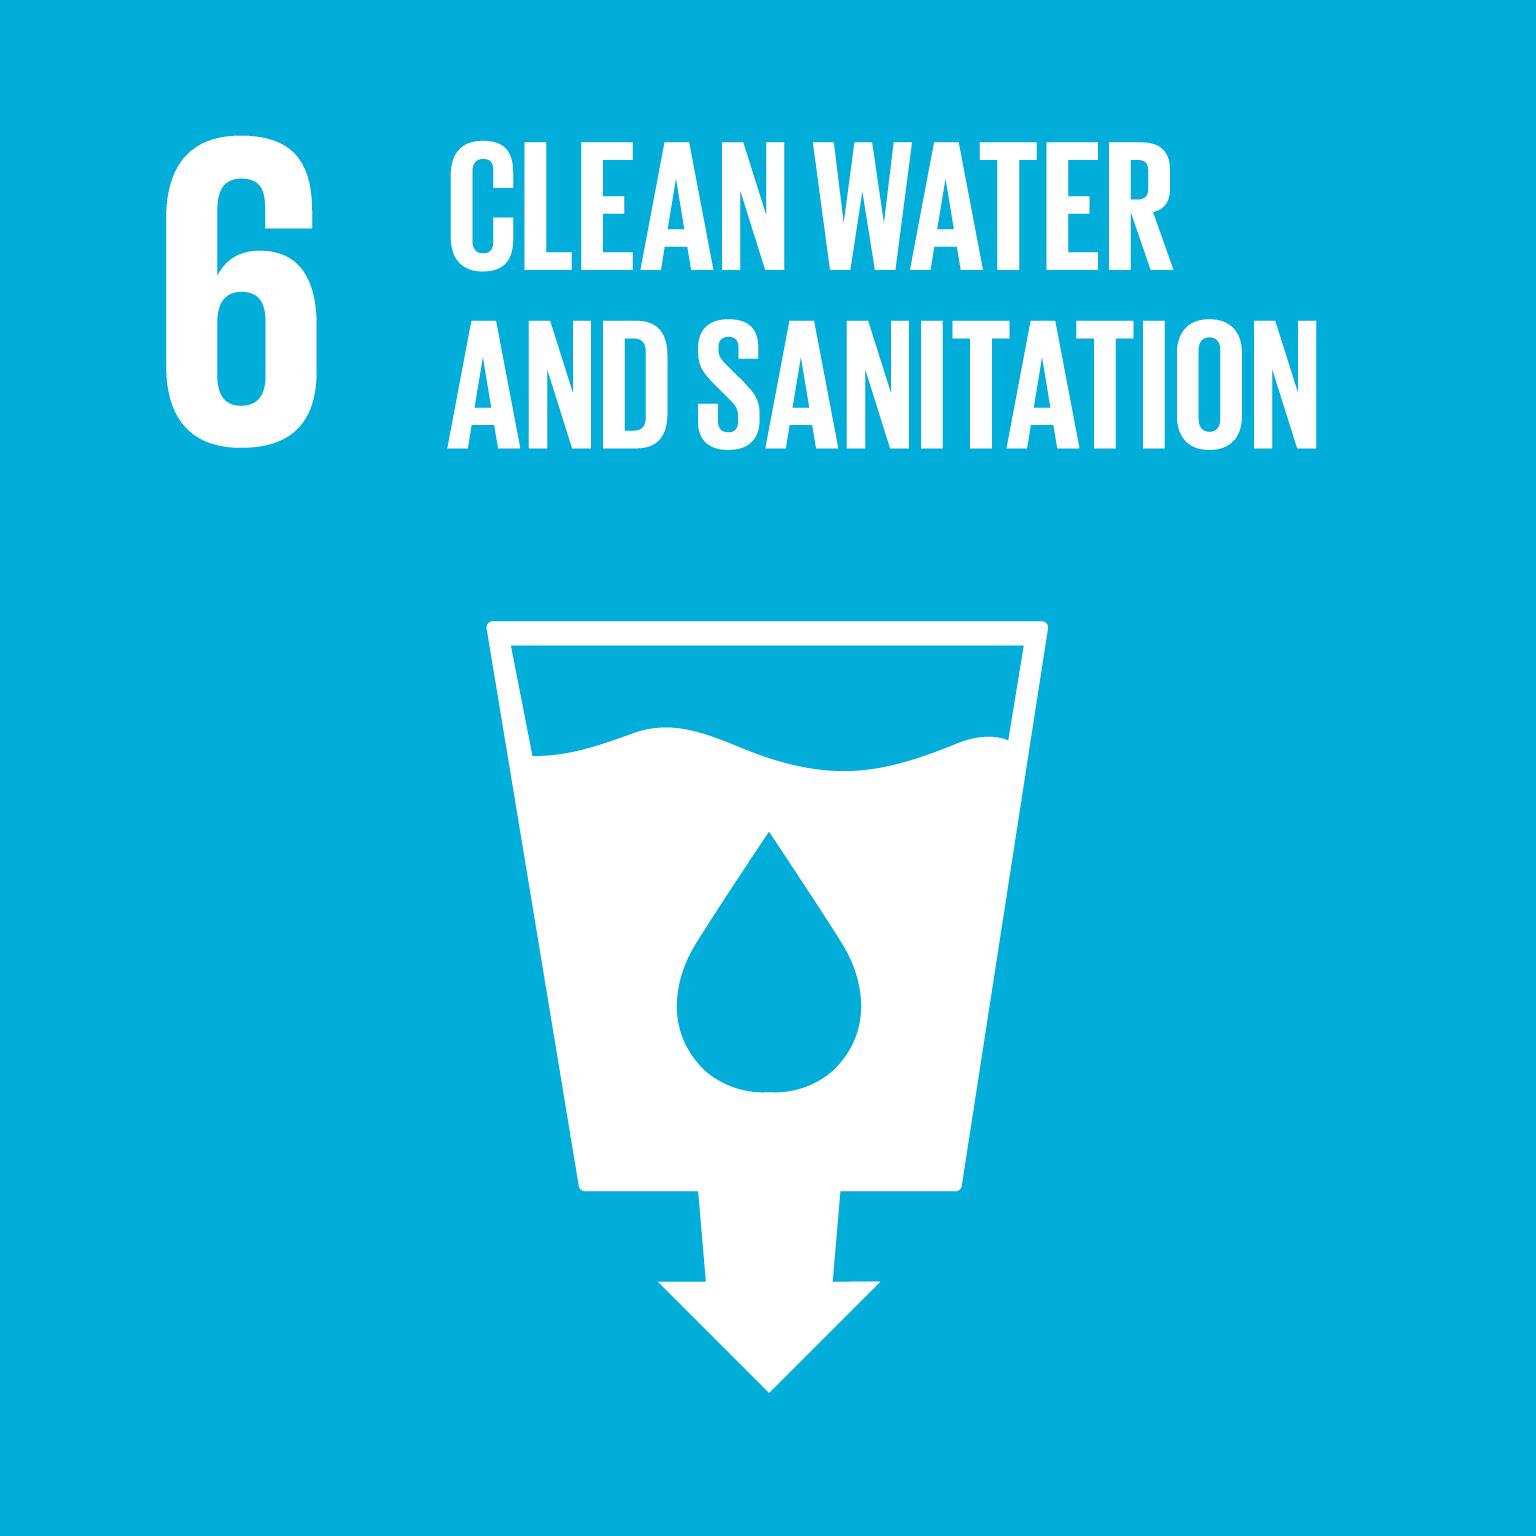 Goal 6: Clean Water